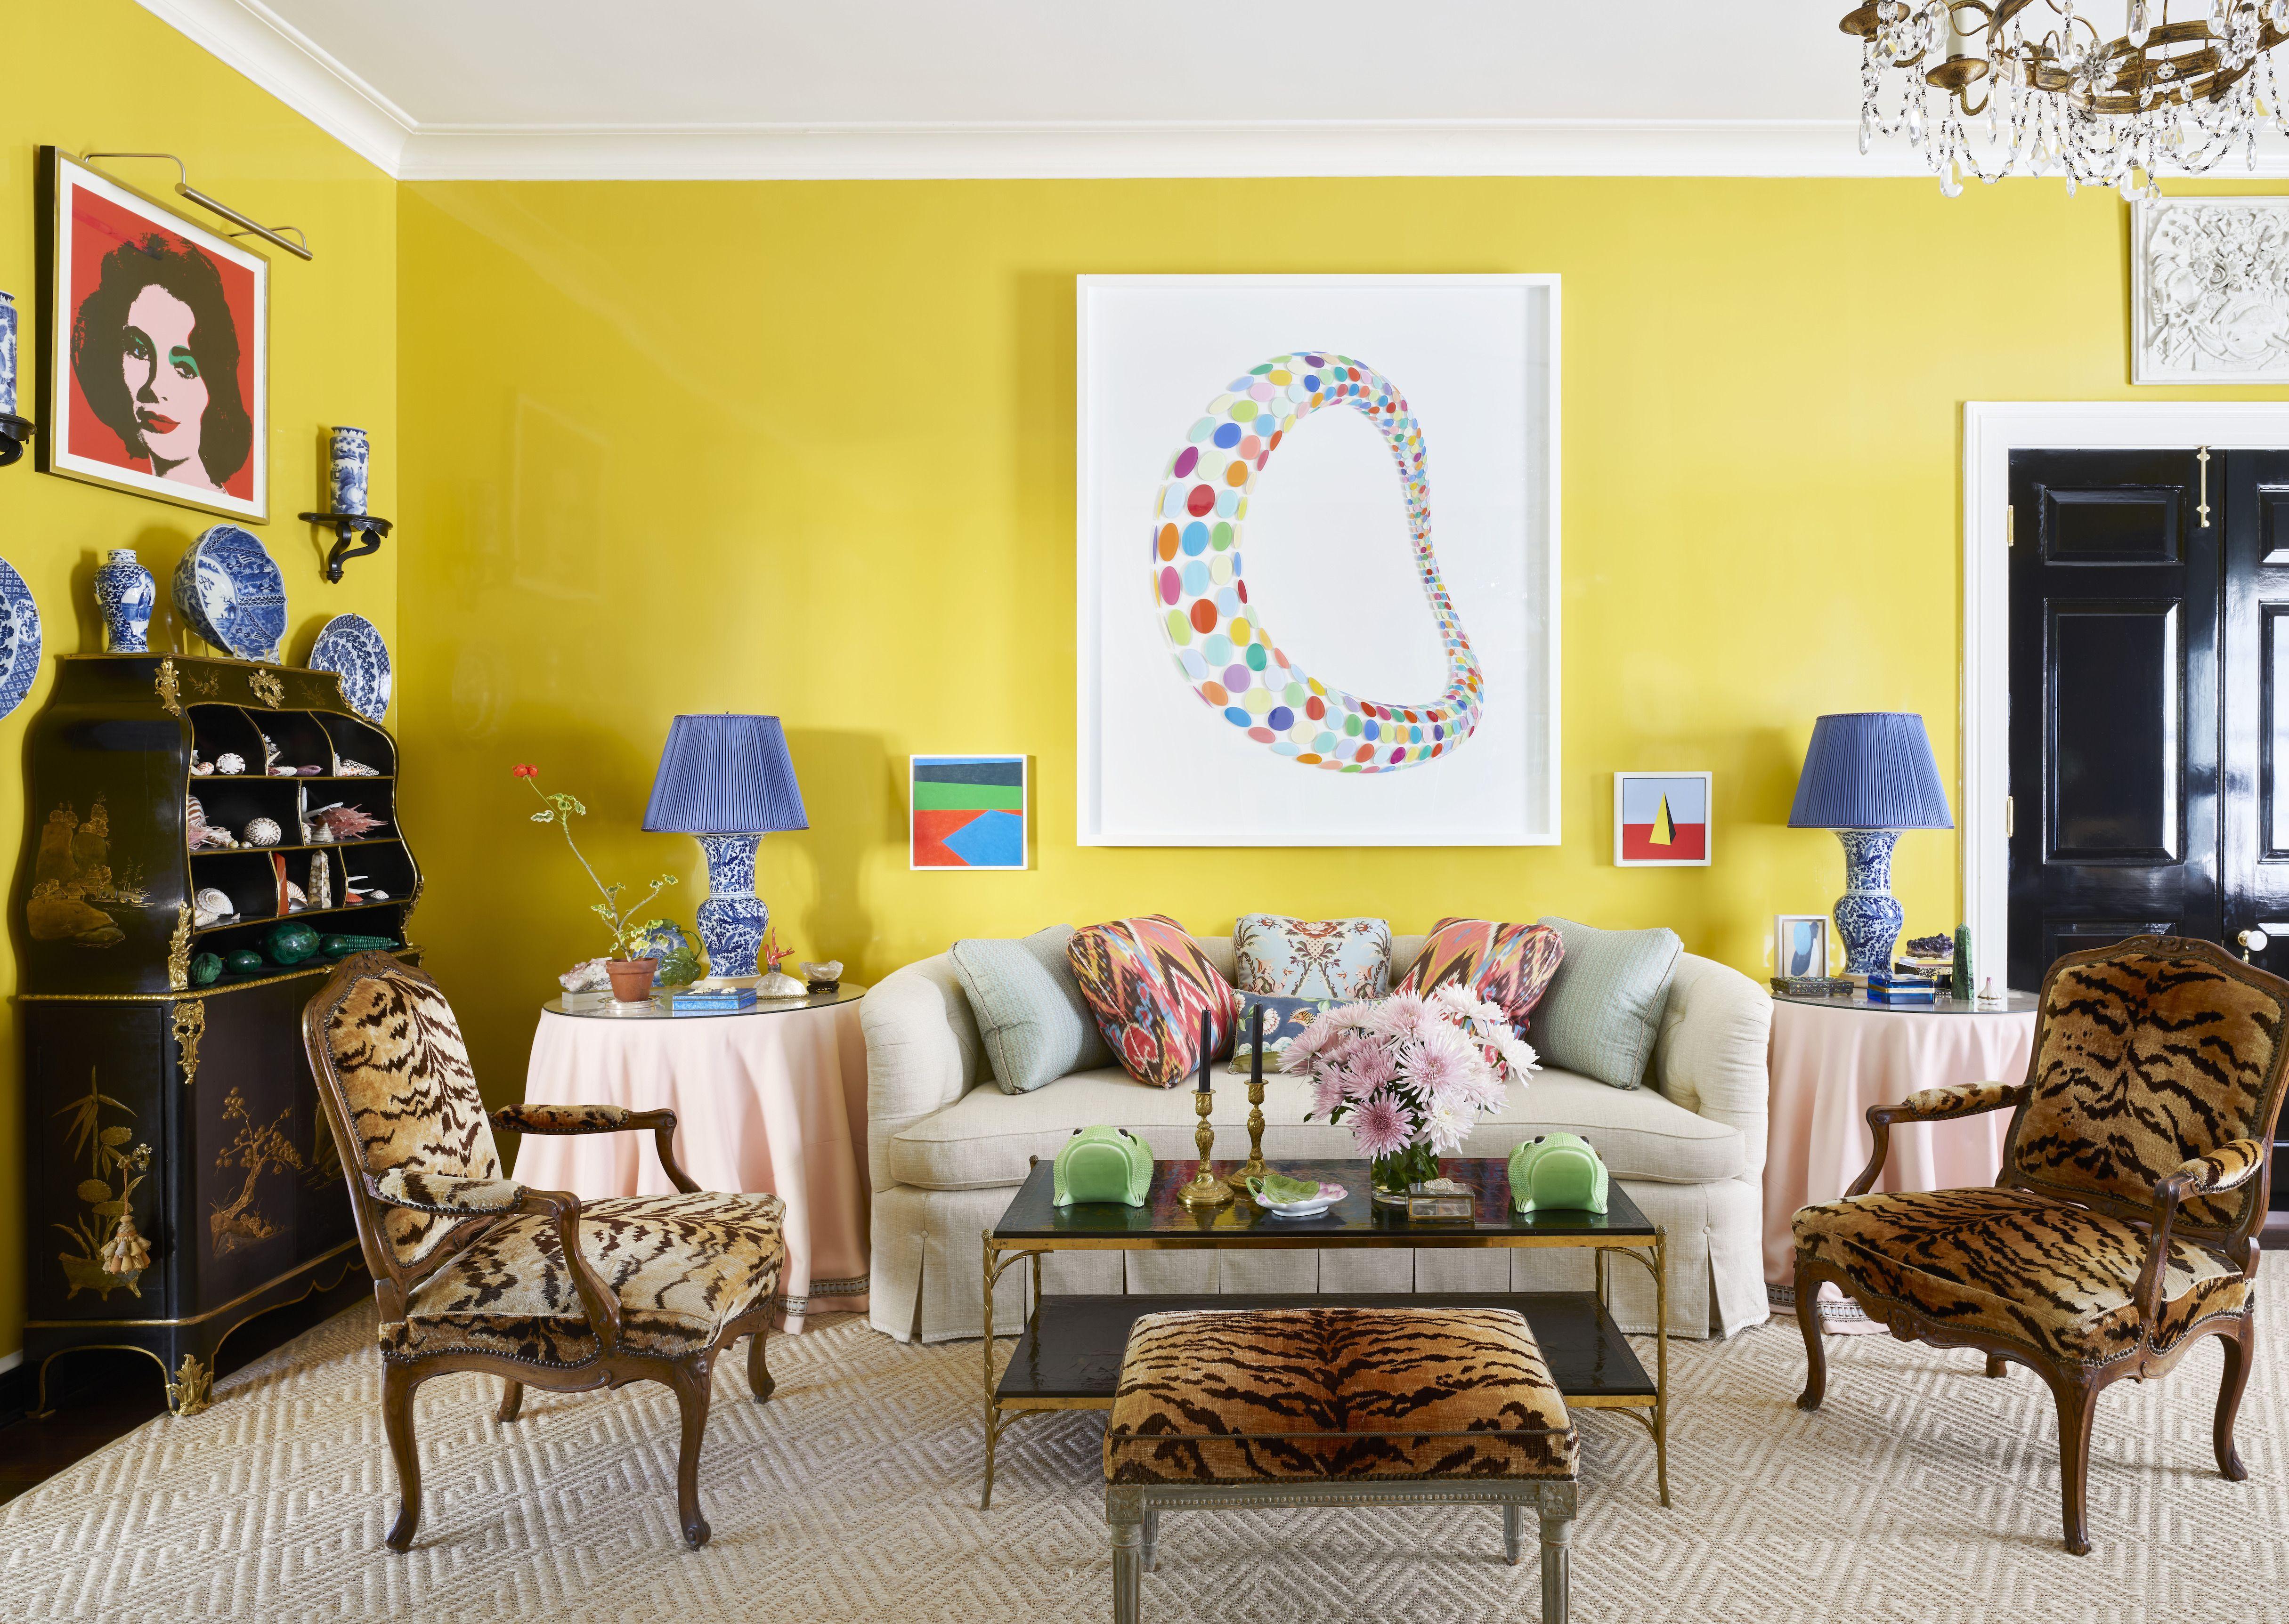 Best 40 Living Room Paint Colors 2021, Living Room Paint Colors Ideas 2021